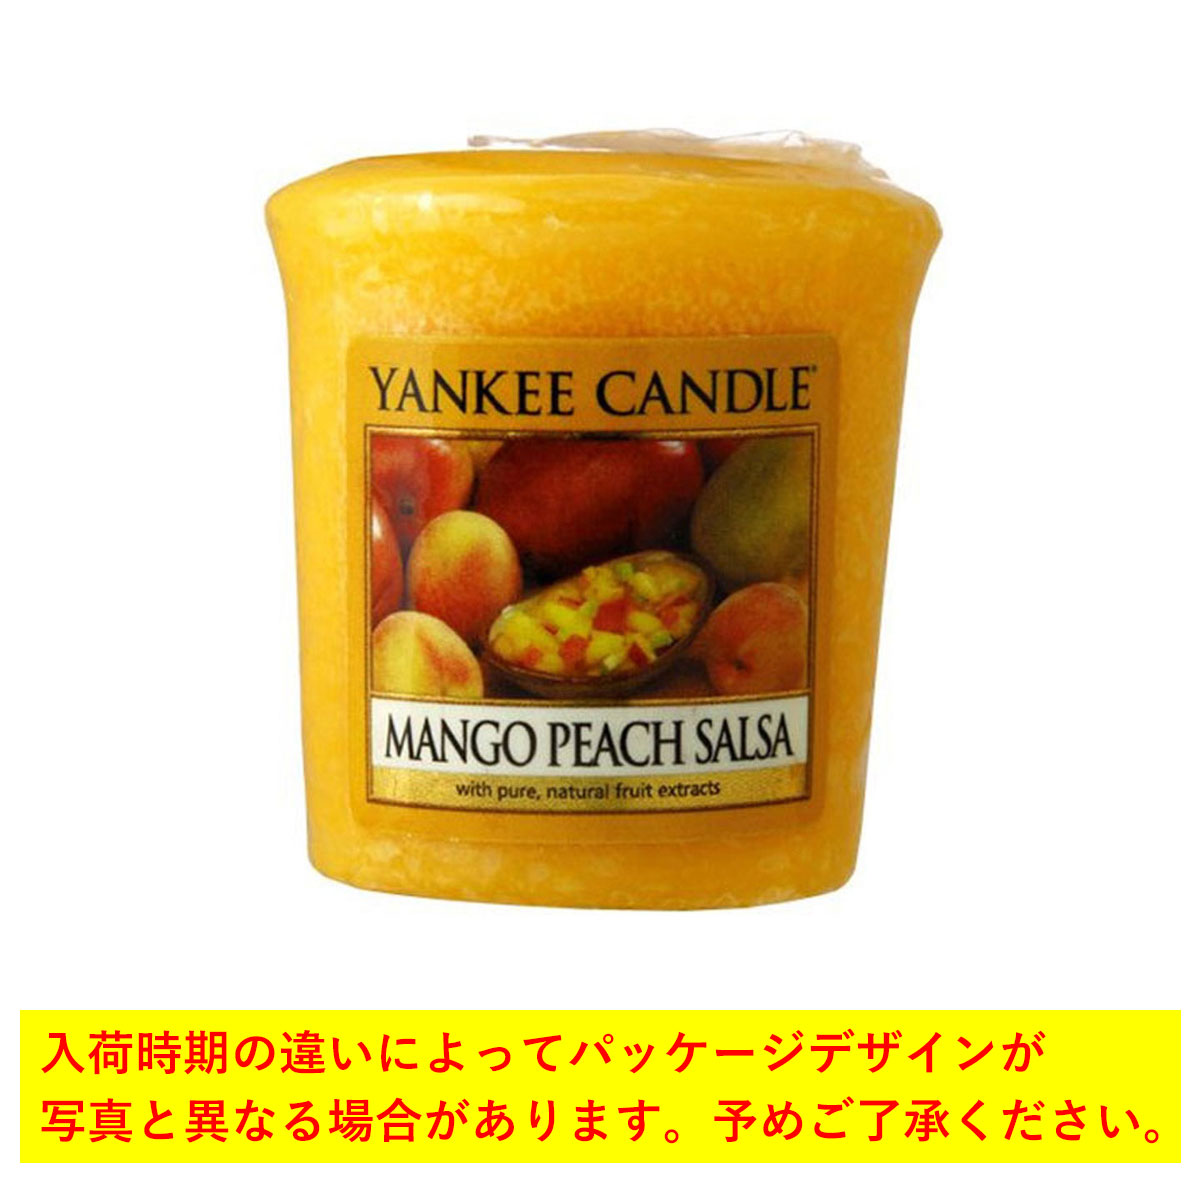 ヤンキーキャンドル YANKEE CANDLE 正規販売店 キャンドル YCサンプラー マンゴーピーチサルサ (K0010563) A49B B3C C3D D0E E00F